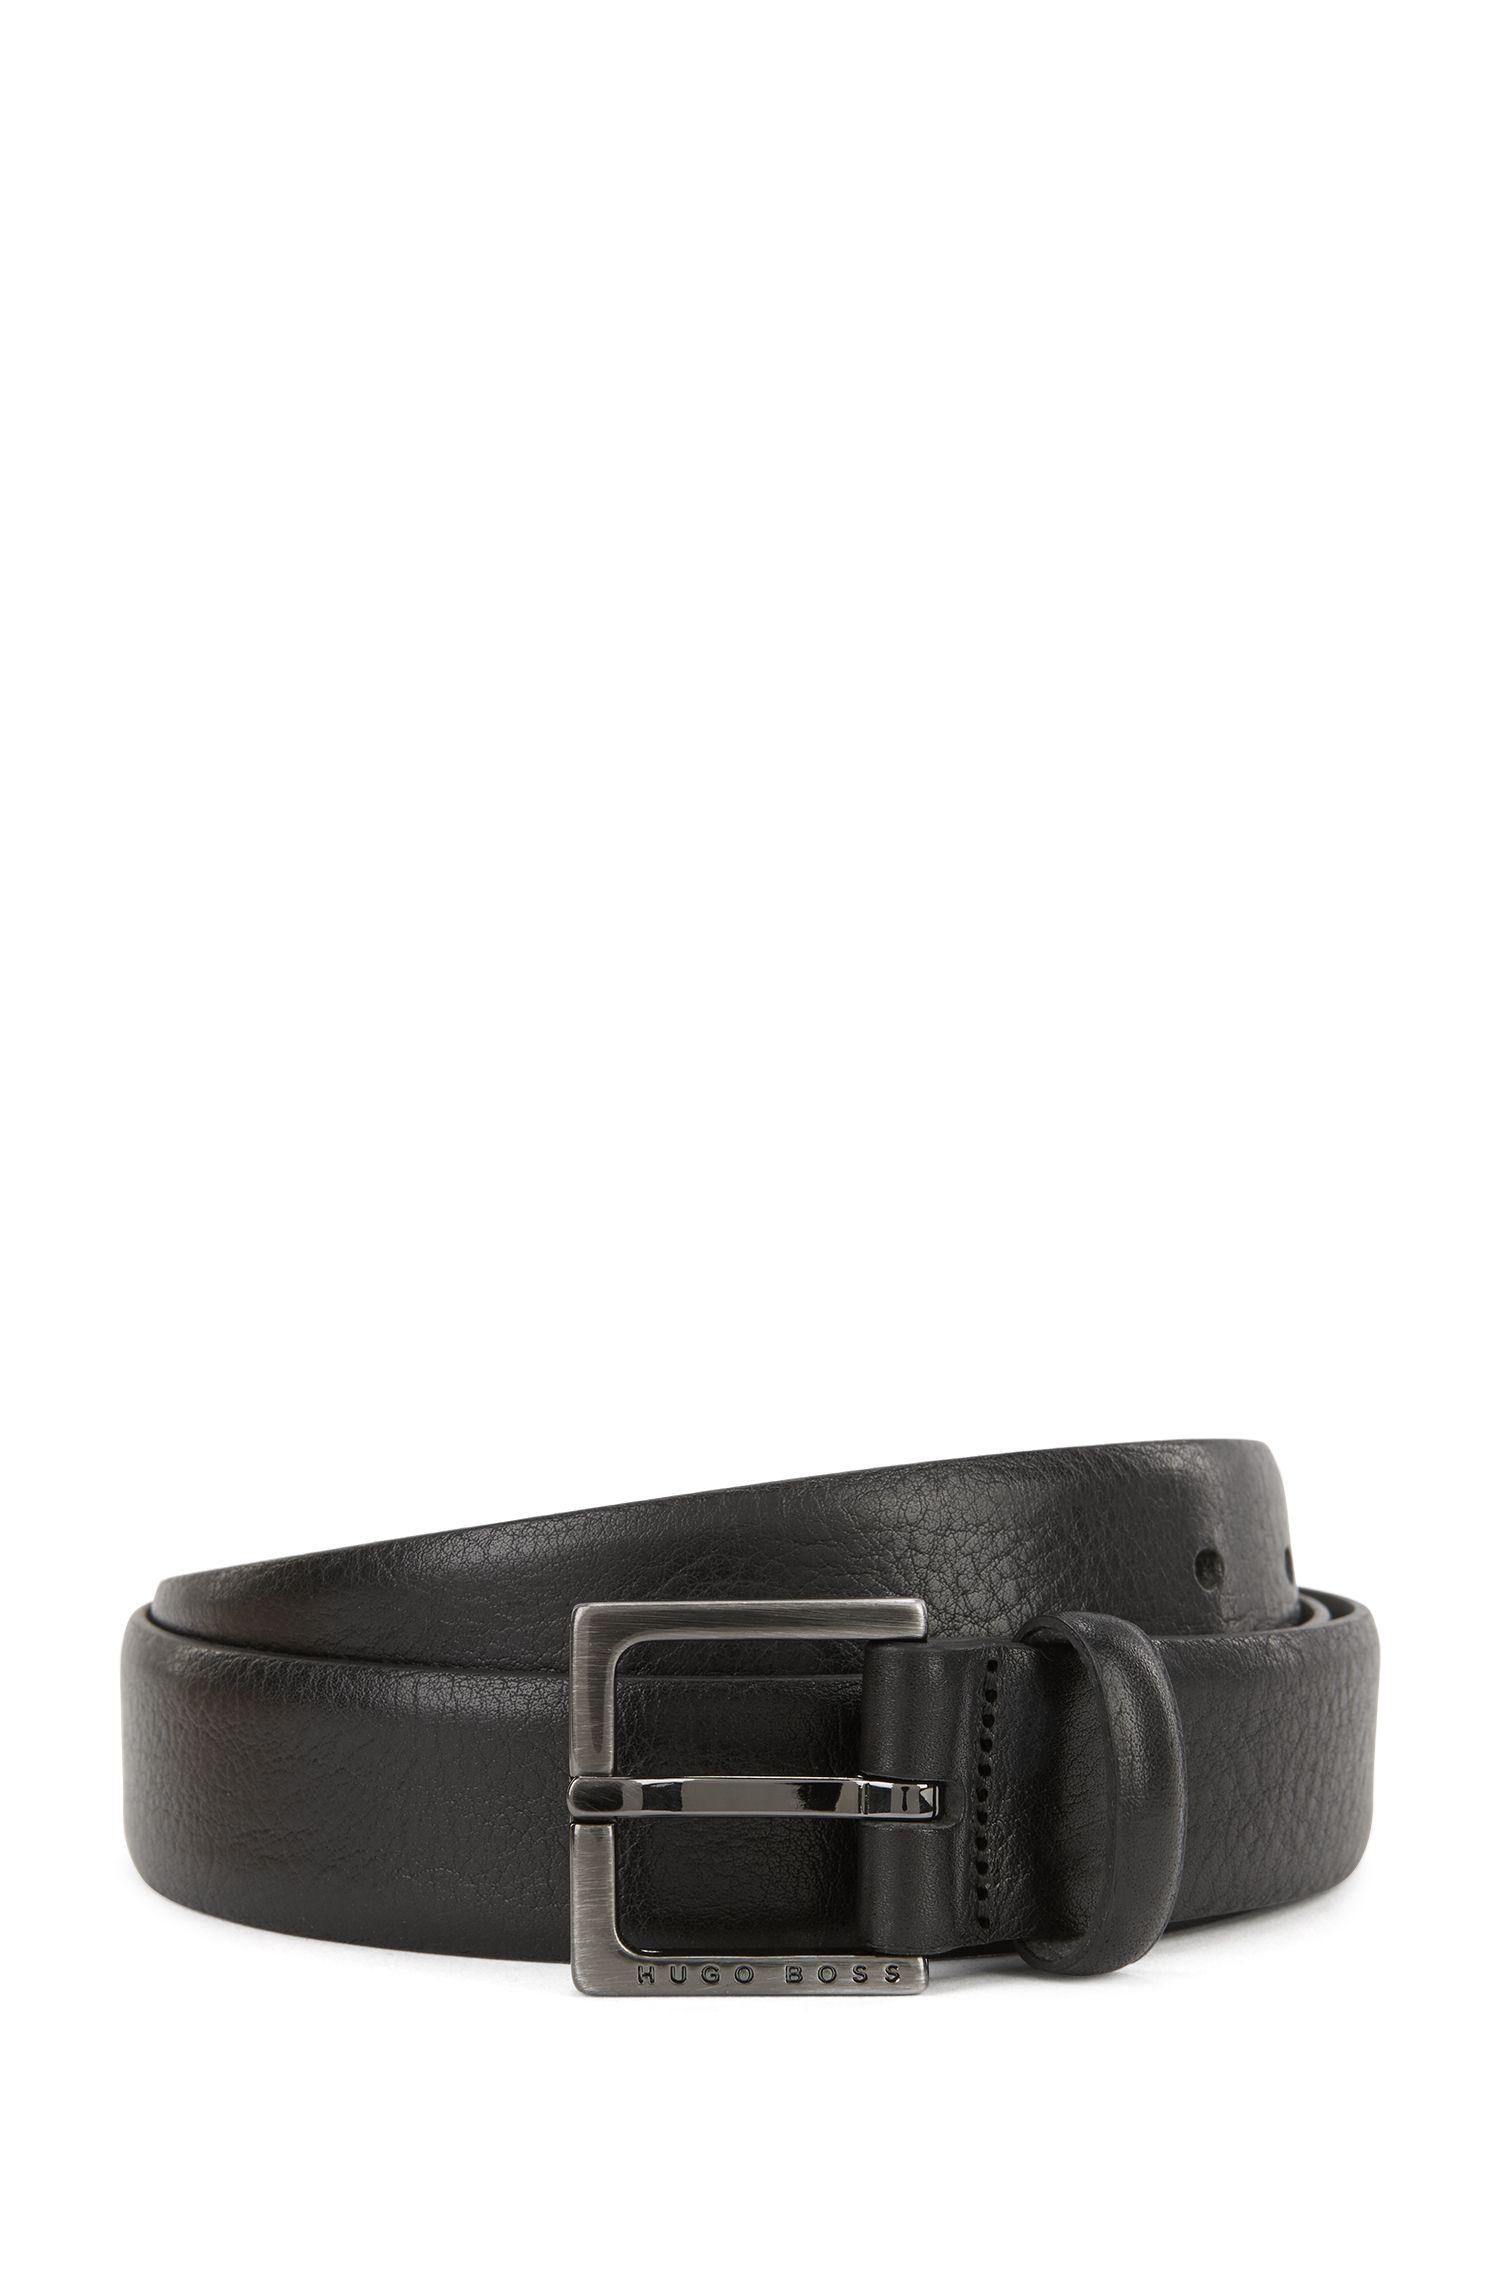 Cinturón de piel grabada con herrajes de metal pesado cepillado